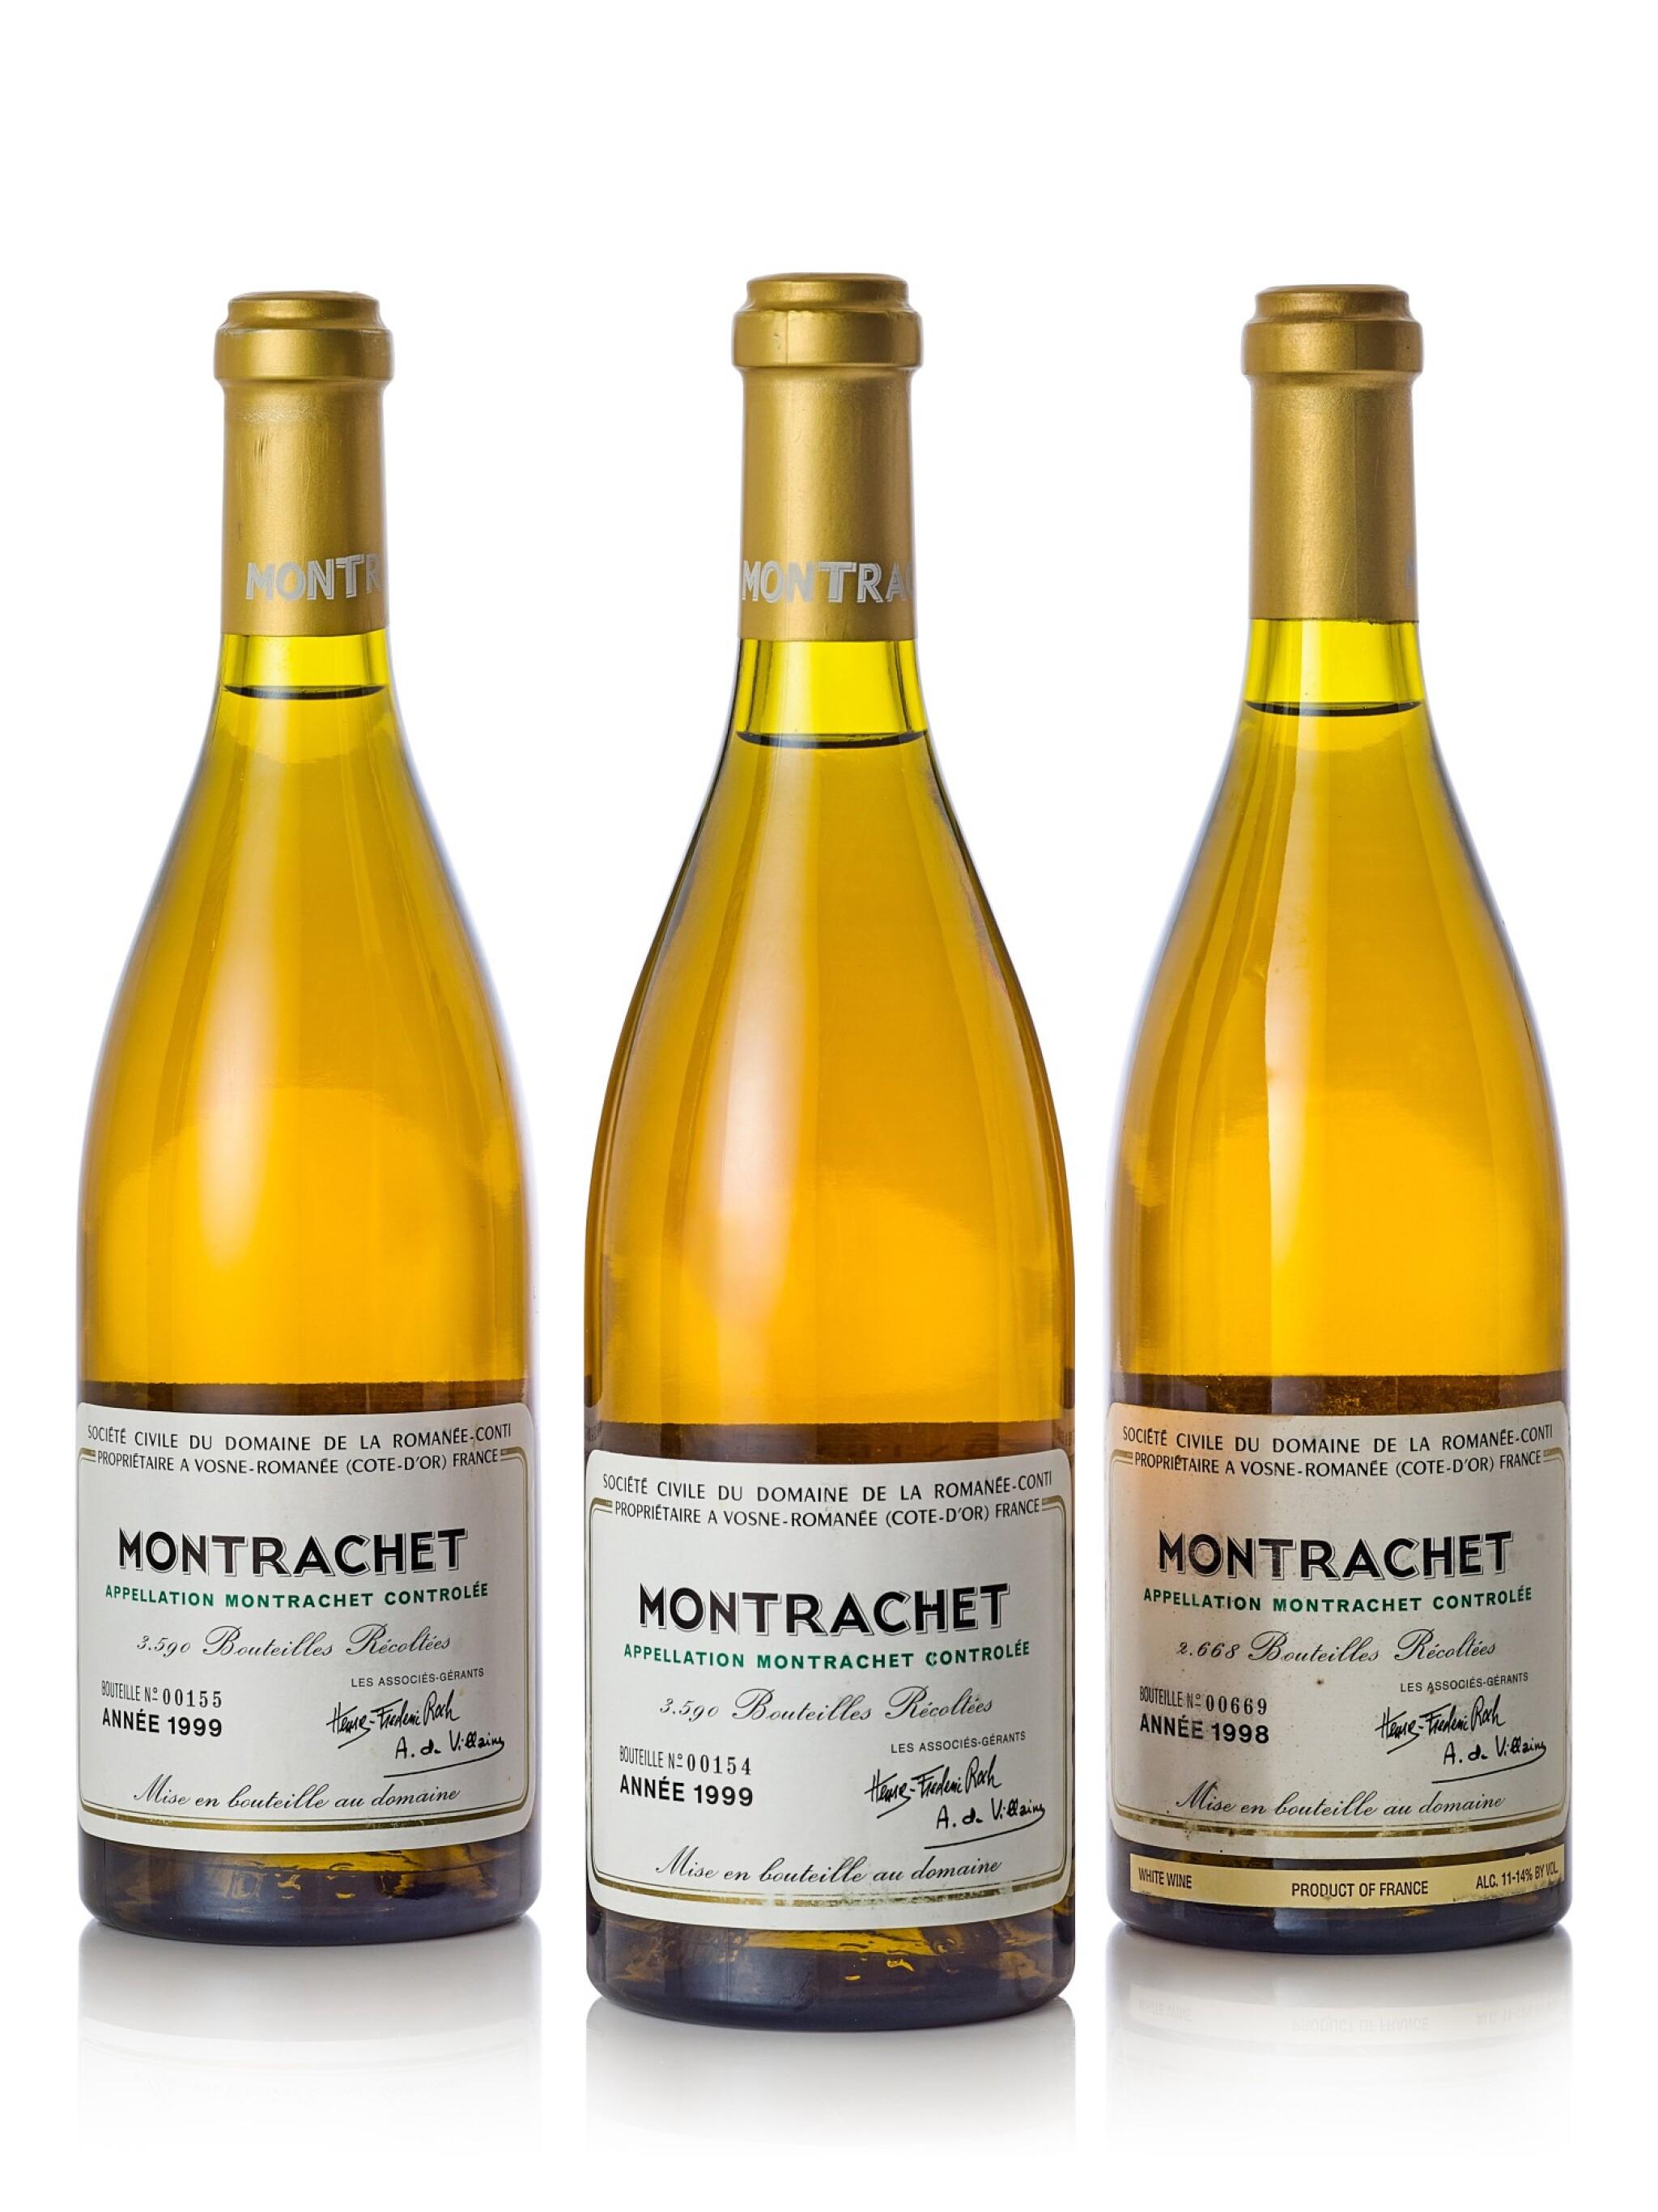 Montrachet 1999 Domaine de la Romanée-Conti (2 BT)